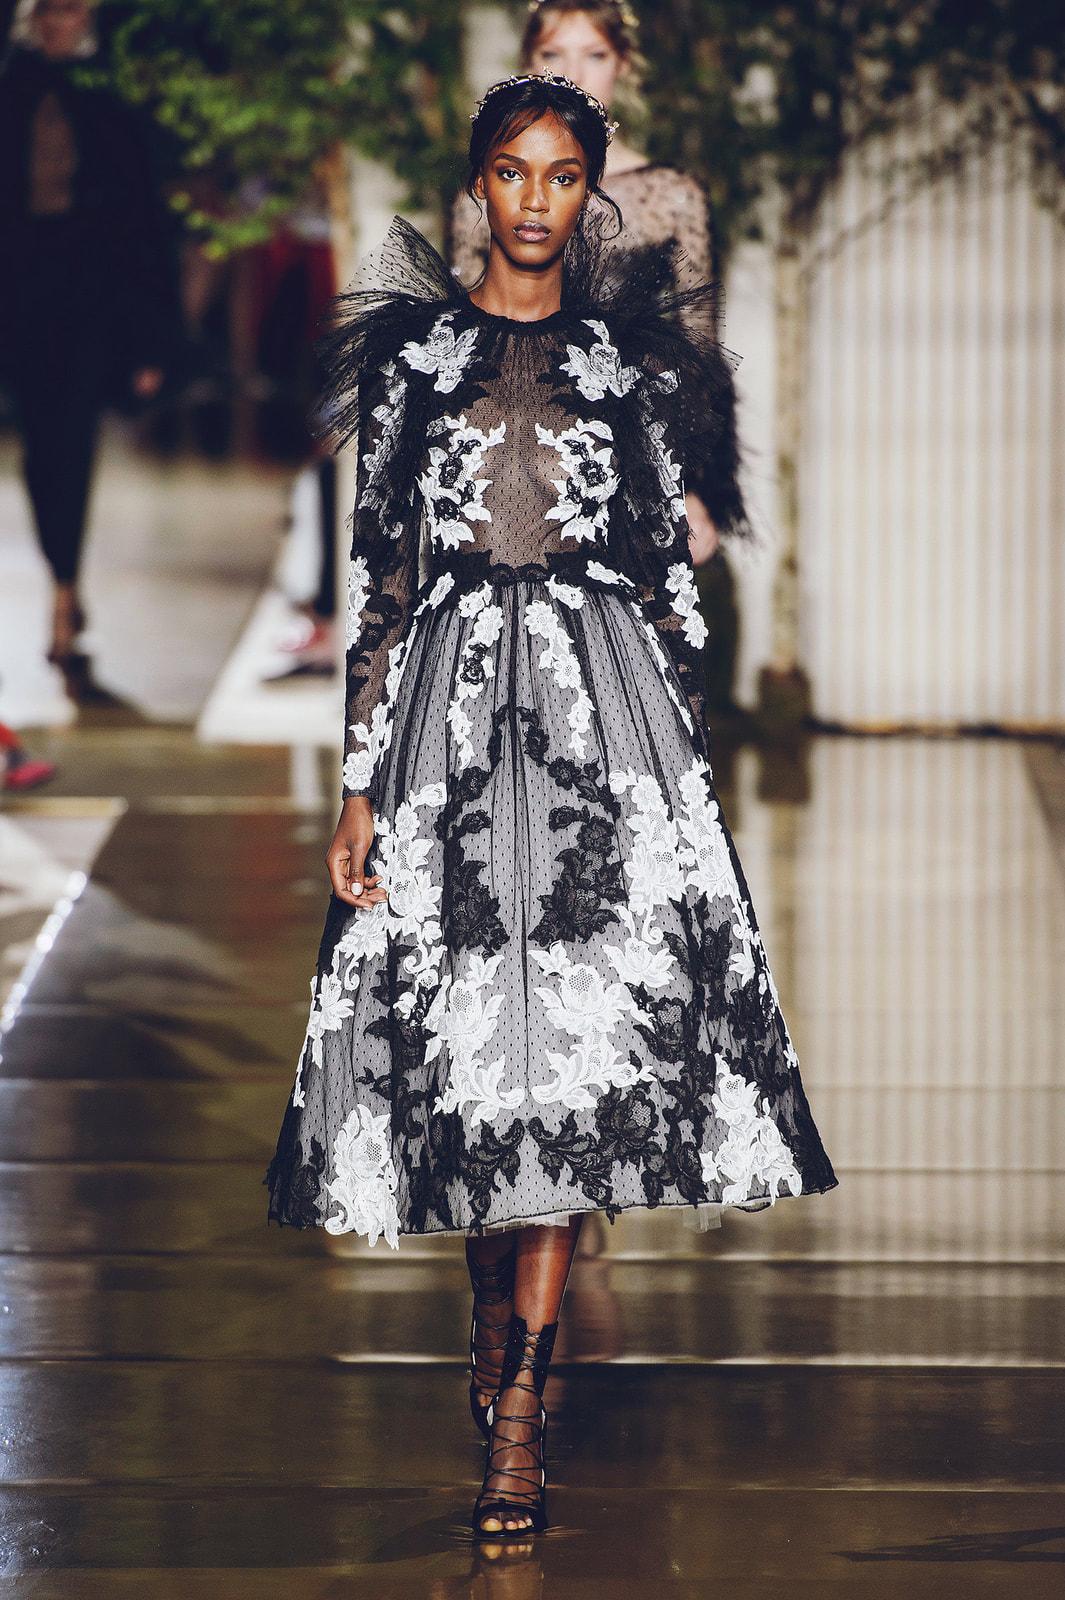 Fashion Inspiration | Runway: Zuhair Murad Fall 2017 Couture